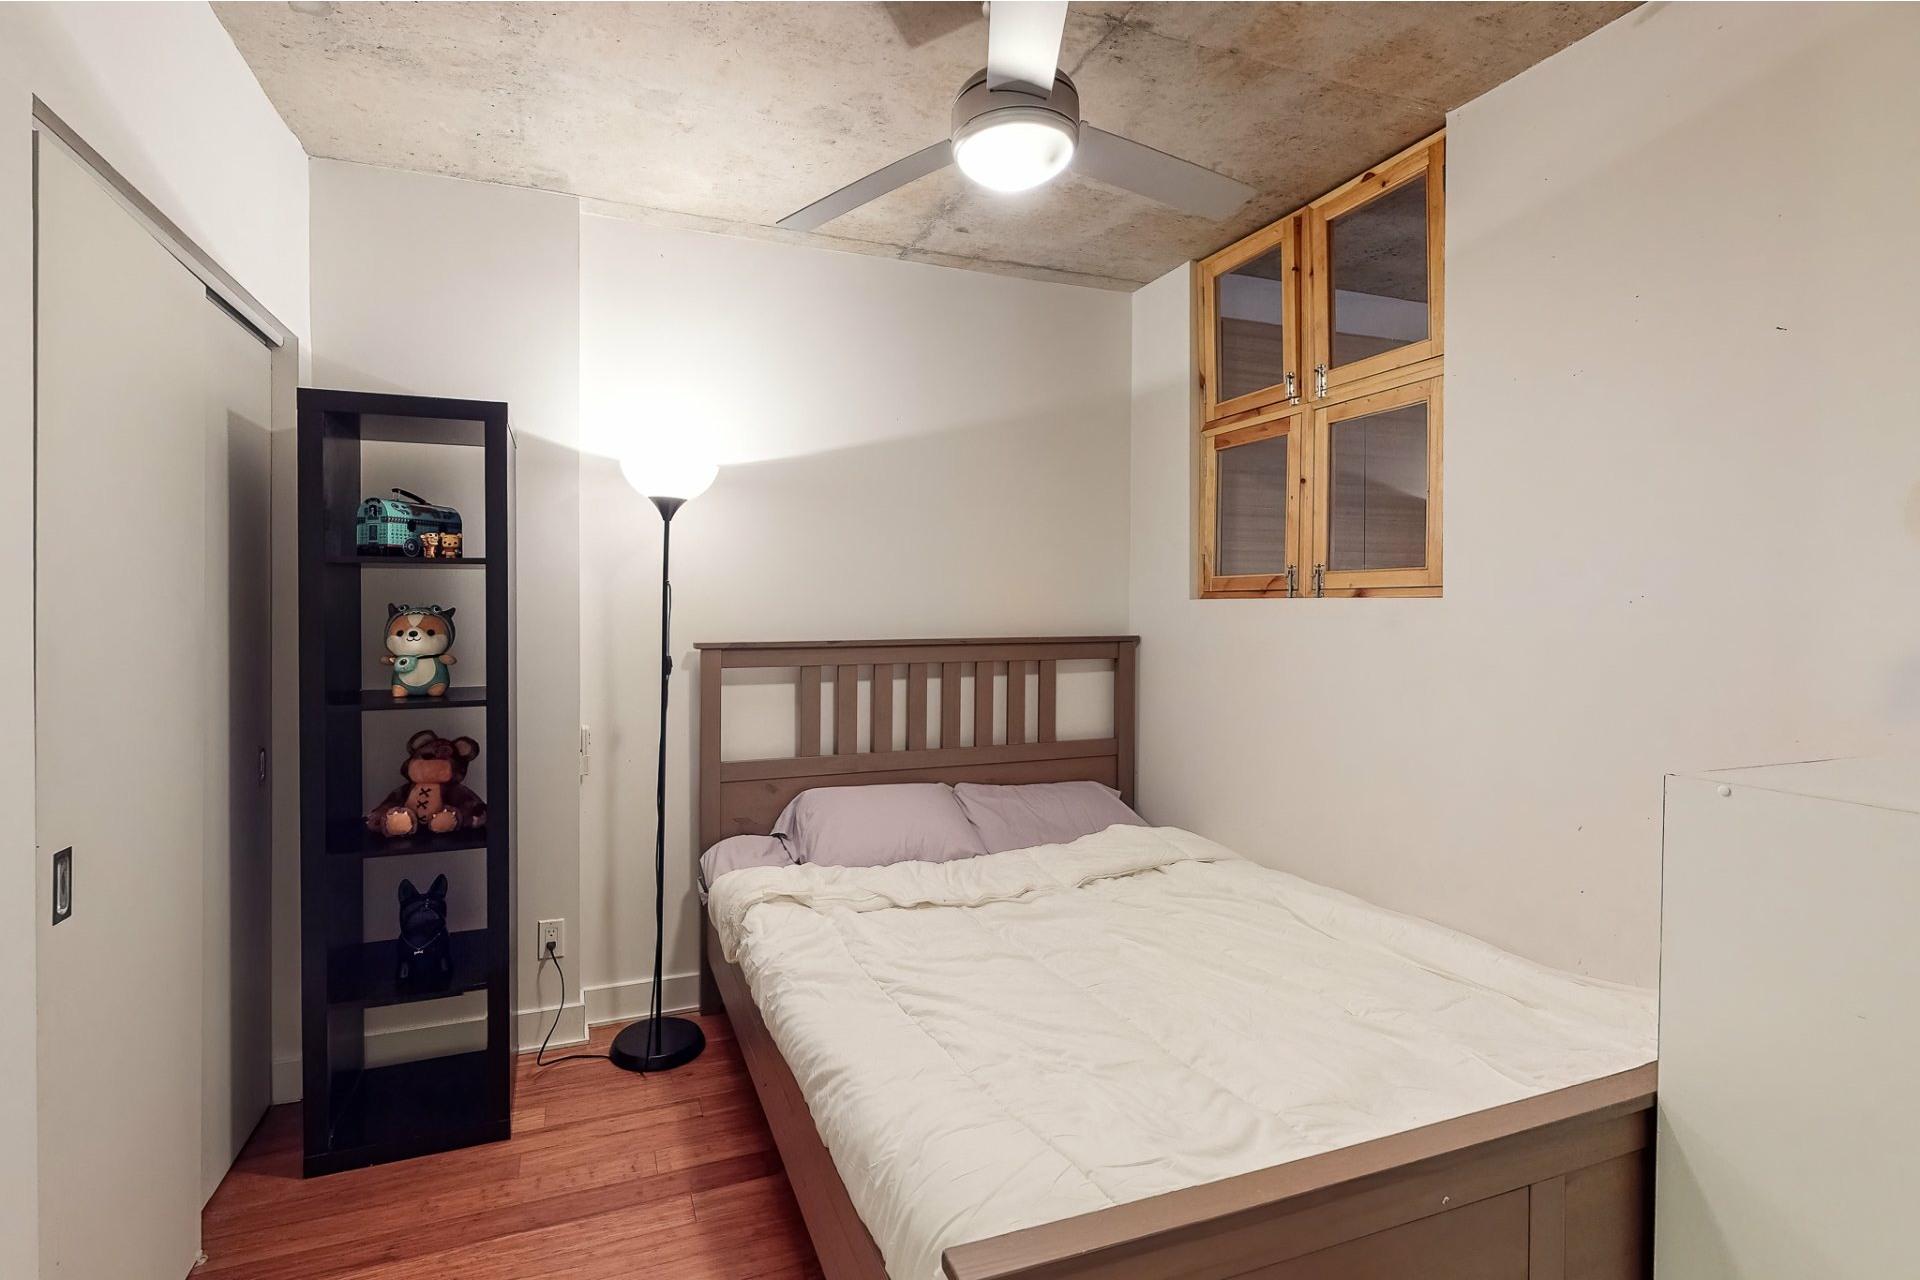 image 7 - Appartement À vendre Ville-Marie Montréal  - 2 pièces